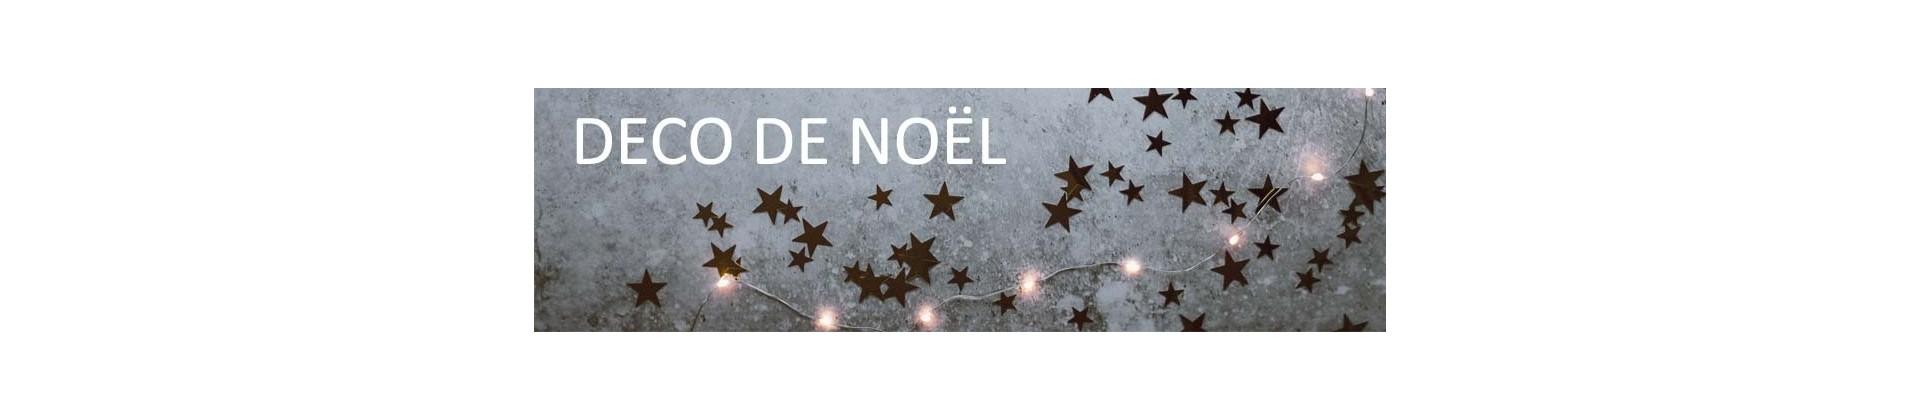 Déco de Noël : choix de décoration Noël 2020